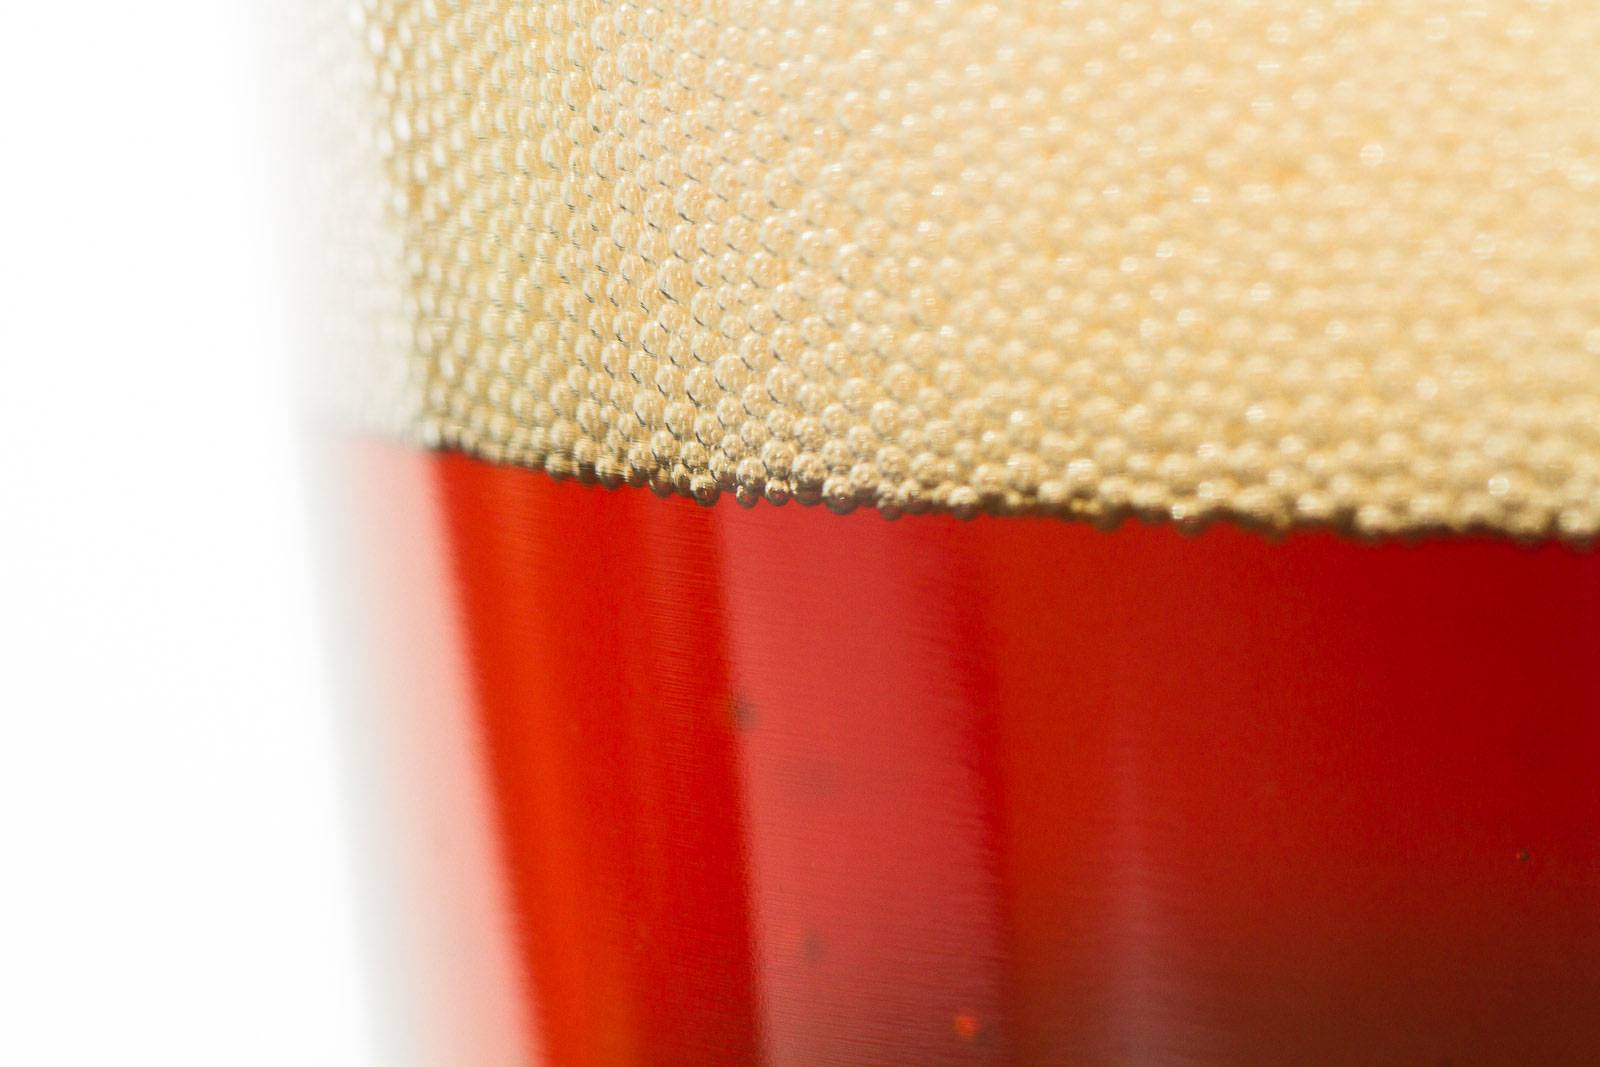 Польза и вред пива для женщин??♀️: чем грозит употребление, свойства, данные [2018] о влиянии алкогольного и безалкогольного напитка   suhoy.guru